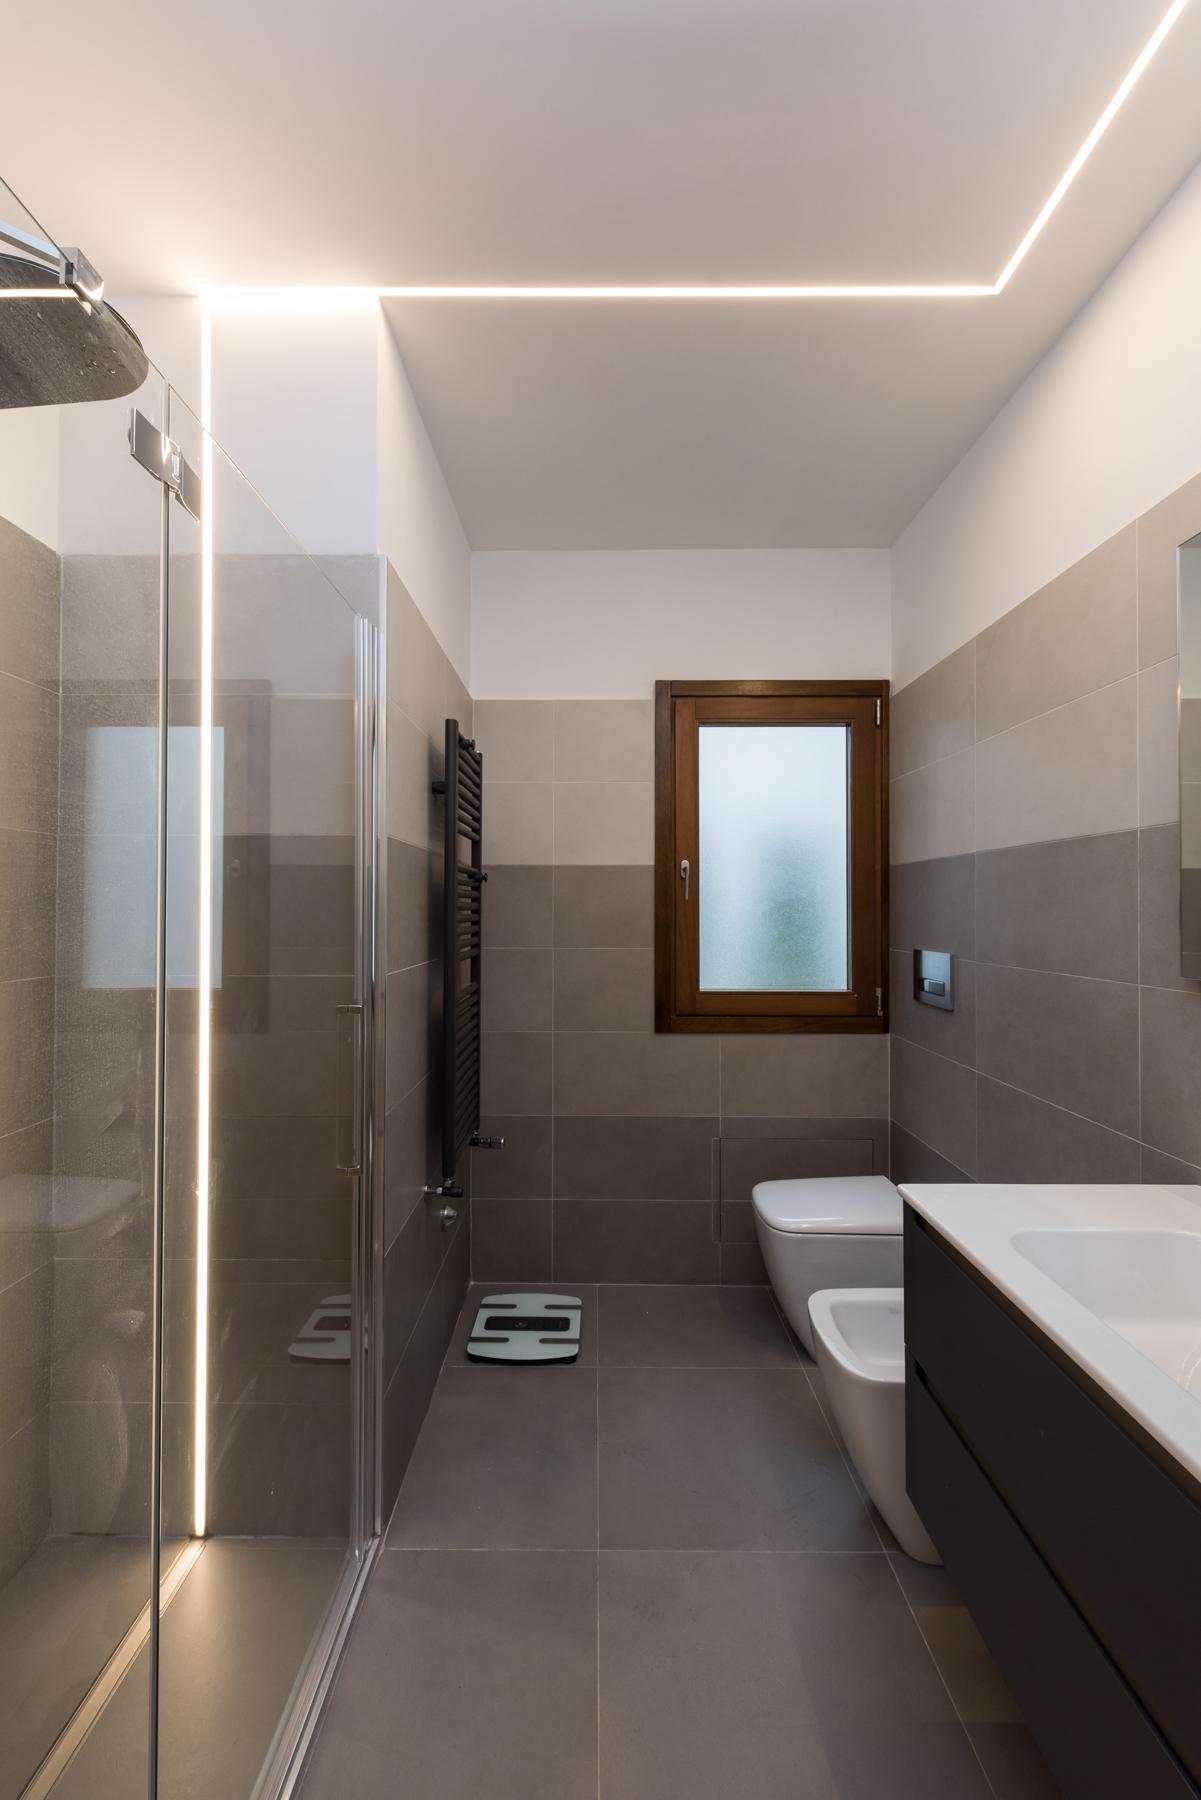 Ristrutturazione appartamento zona talenti roma for Ristrutturazione appartamento roma